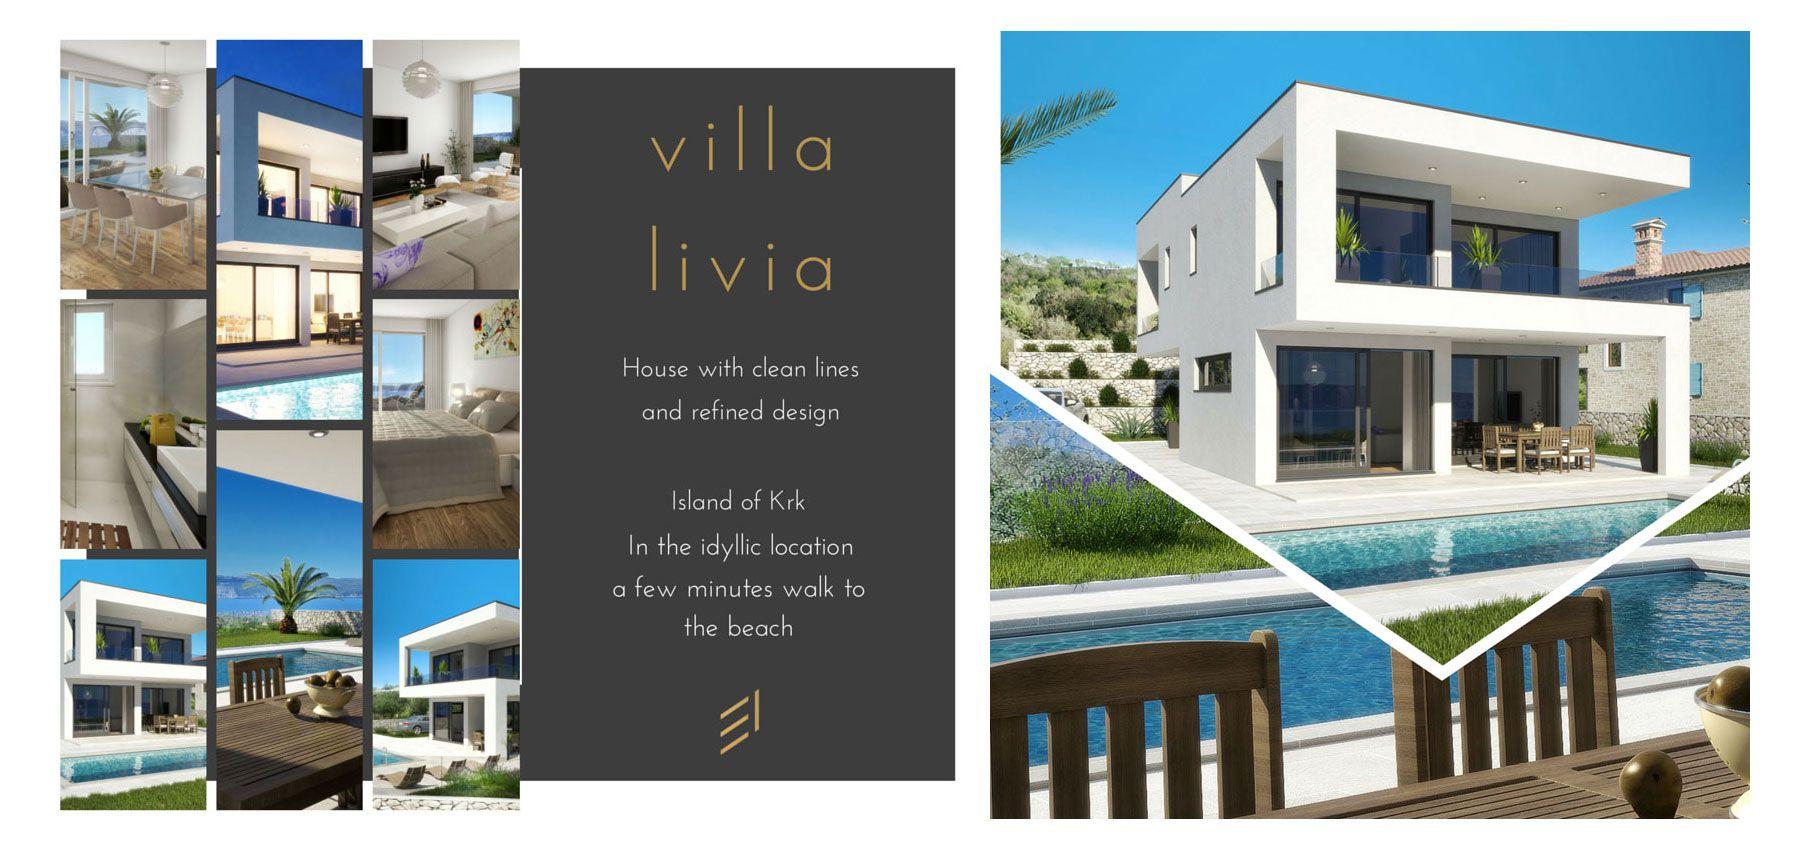 Immobilien Kroatien / Insel Krk / verkaufen / neue moderne Haus mit ...